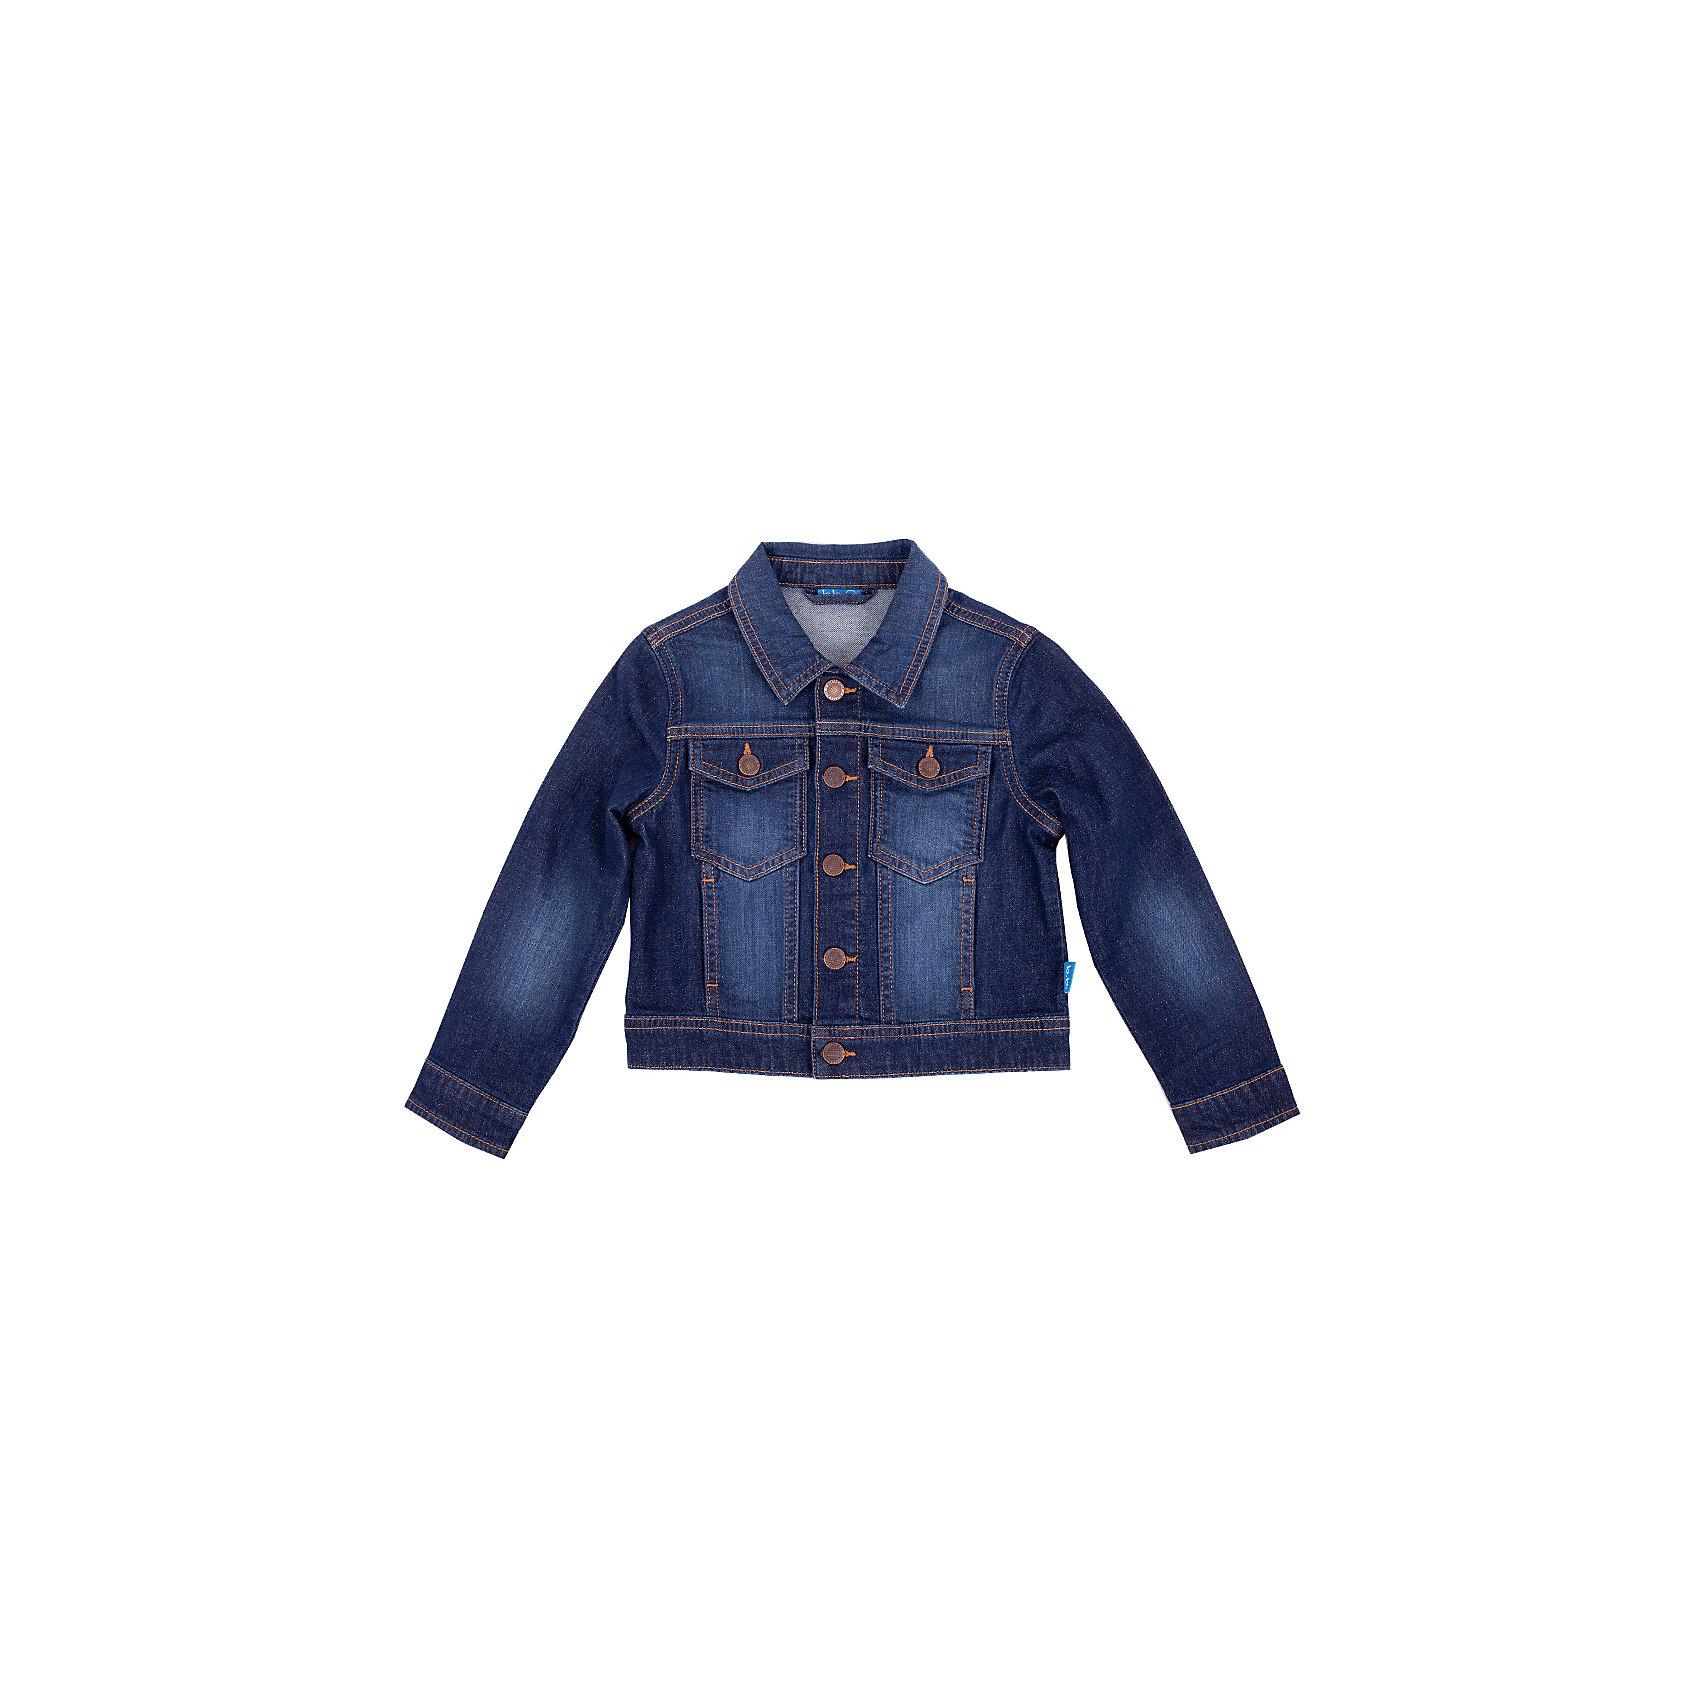 Джинсовая куртка для мальчика Button BlueВерхняя одежда<br>Джинсовая куртка для мальчика - базовая вещь весеннего-летнего гардероба! Она отлично сочетается с брюками, шортами, бриджами, делая комплект интересным и завершенным. Вы хотите, чтобы ваш ребенок был в тренде? Вы предпочитаете купить джинсовую куртку недорого и не сомневаться в ее качестве и комфорте? Тогда джинсовая куртка от Button Blue для вас!<br>Состав:<br>98,6% хлопок, 1,4% эластан<br><br>Ширина мм: 356<br>Глубина мм: 10<br>Высота мм: 245<br>Вес г: 519<br>Цвет: синий<br>Возраст от месяцев: 132<br>Возраст до месяцев: 144<br>Пол: Мужской<br>Возраст: Детский<br>Размер: 152,110,158,128,98,140,104,146,122,134,116<br>SKU: 4510302